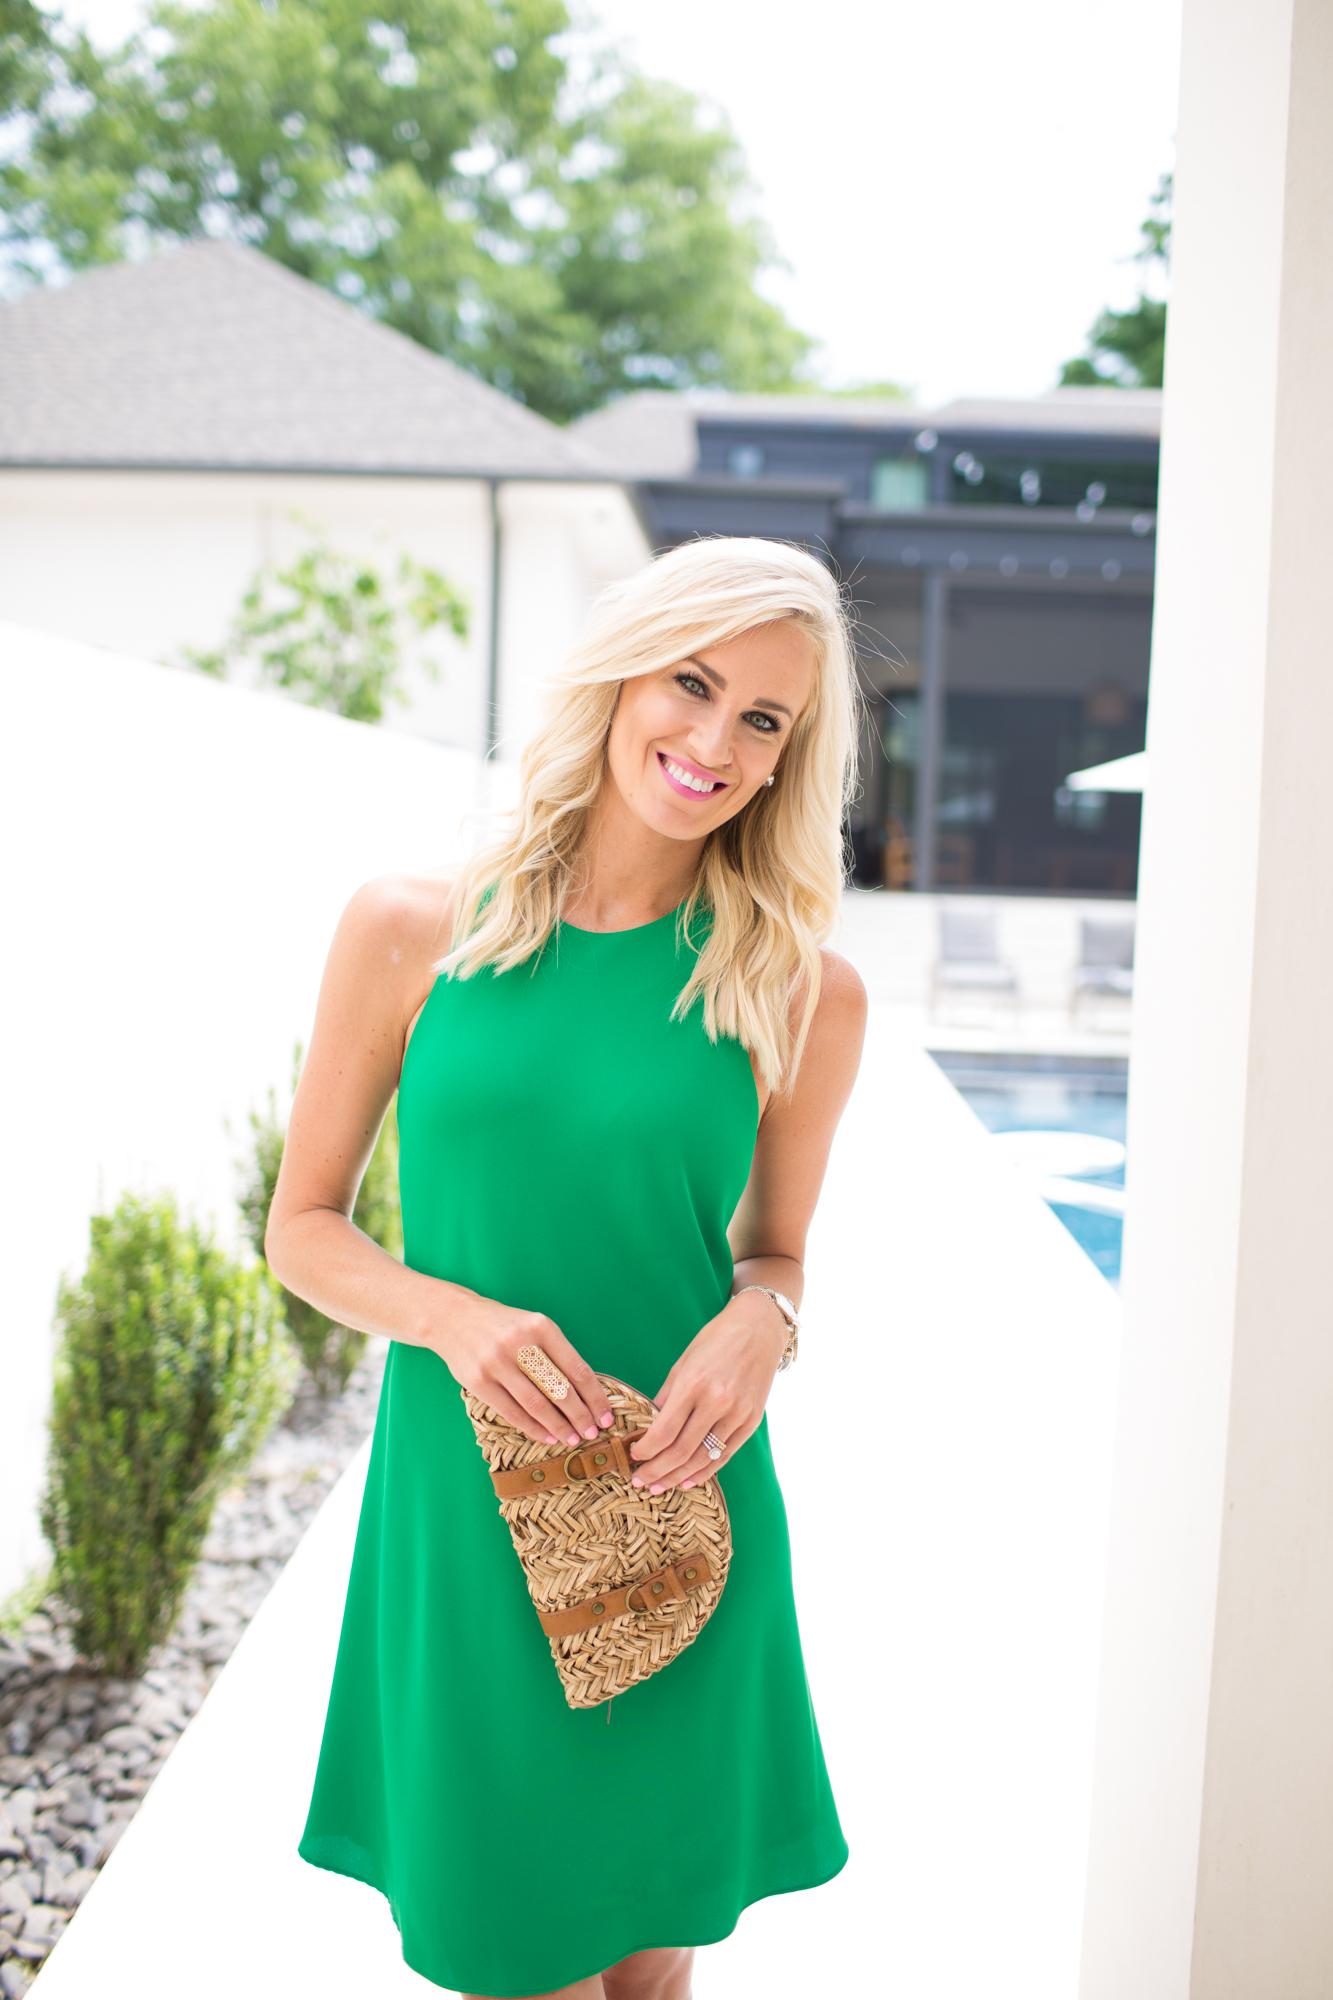 Kelly Green Sundress - Mckenna Bleu